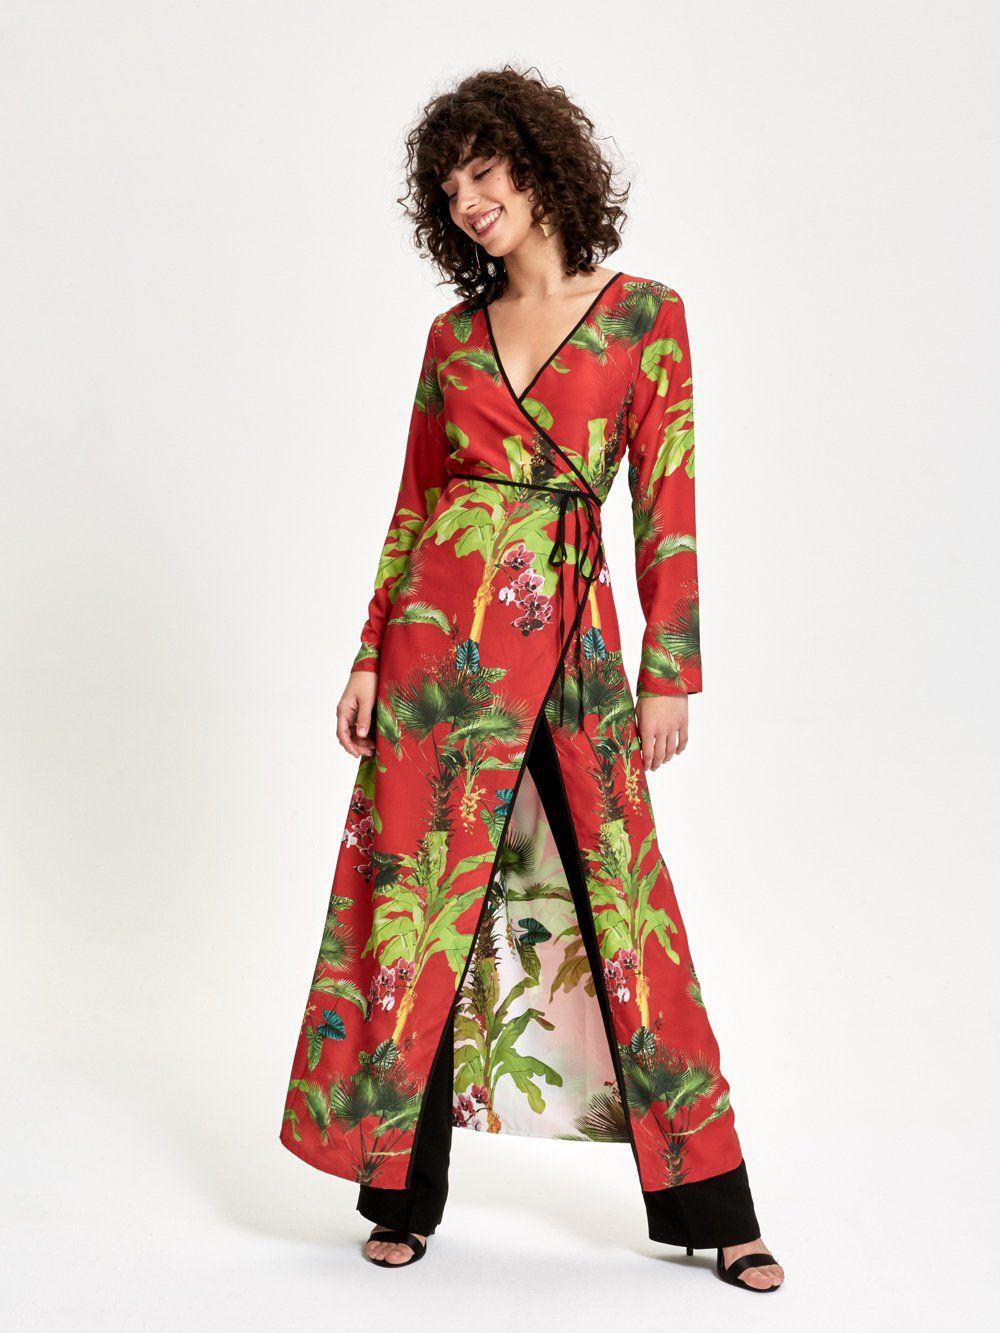 MIOH - JADE - Kimono Estampado Tropical Reversible para invitada de boda 1786219b8299